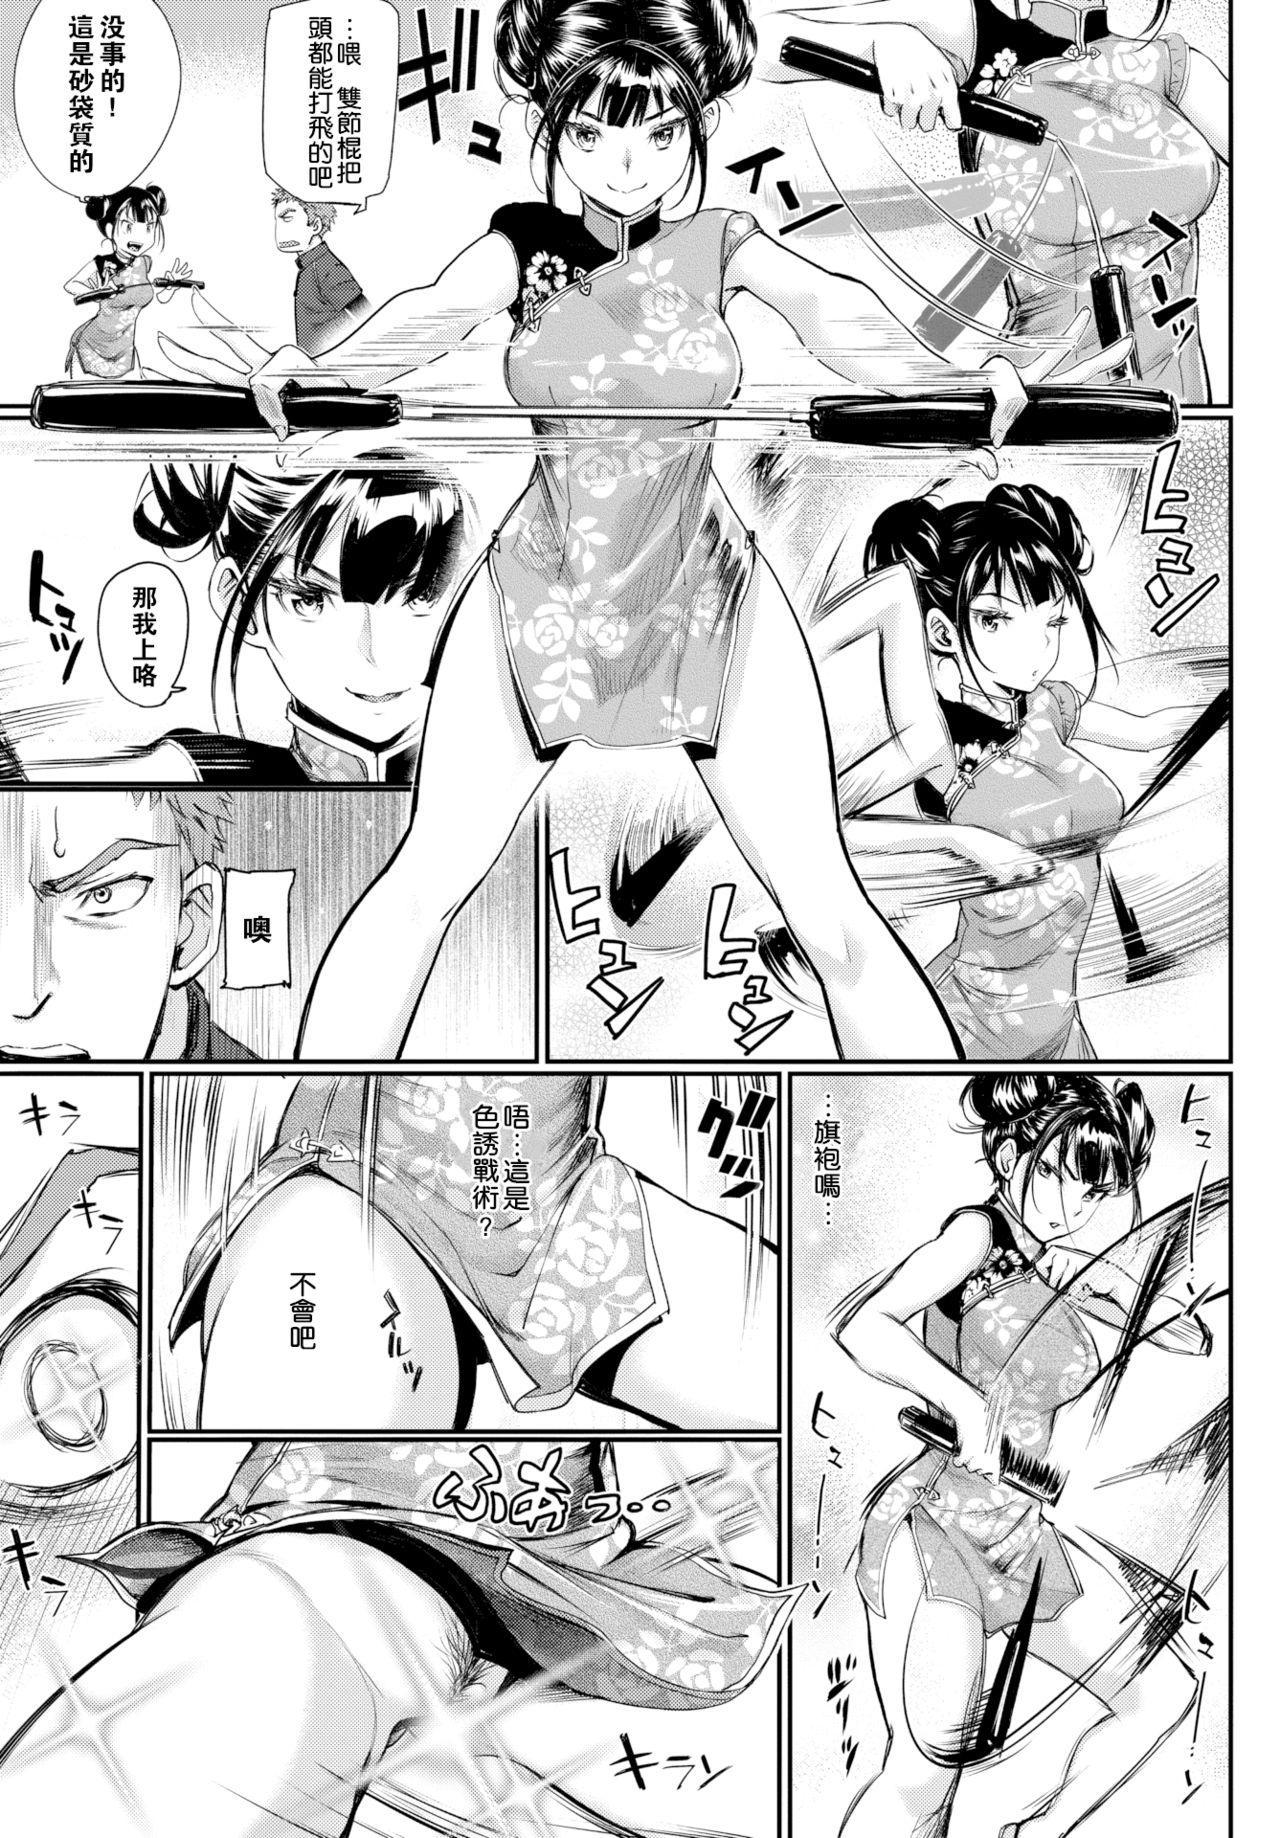 Shoubu no Yukue! 5